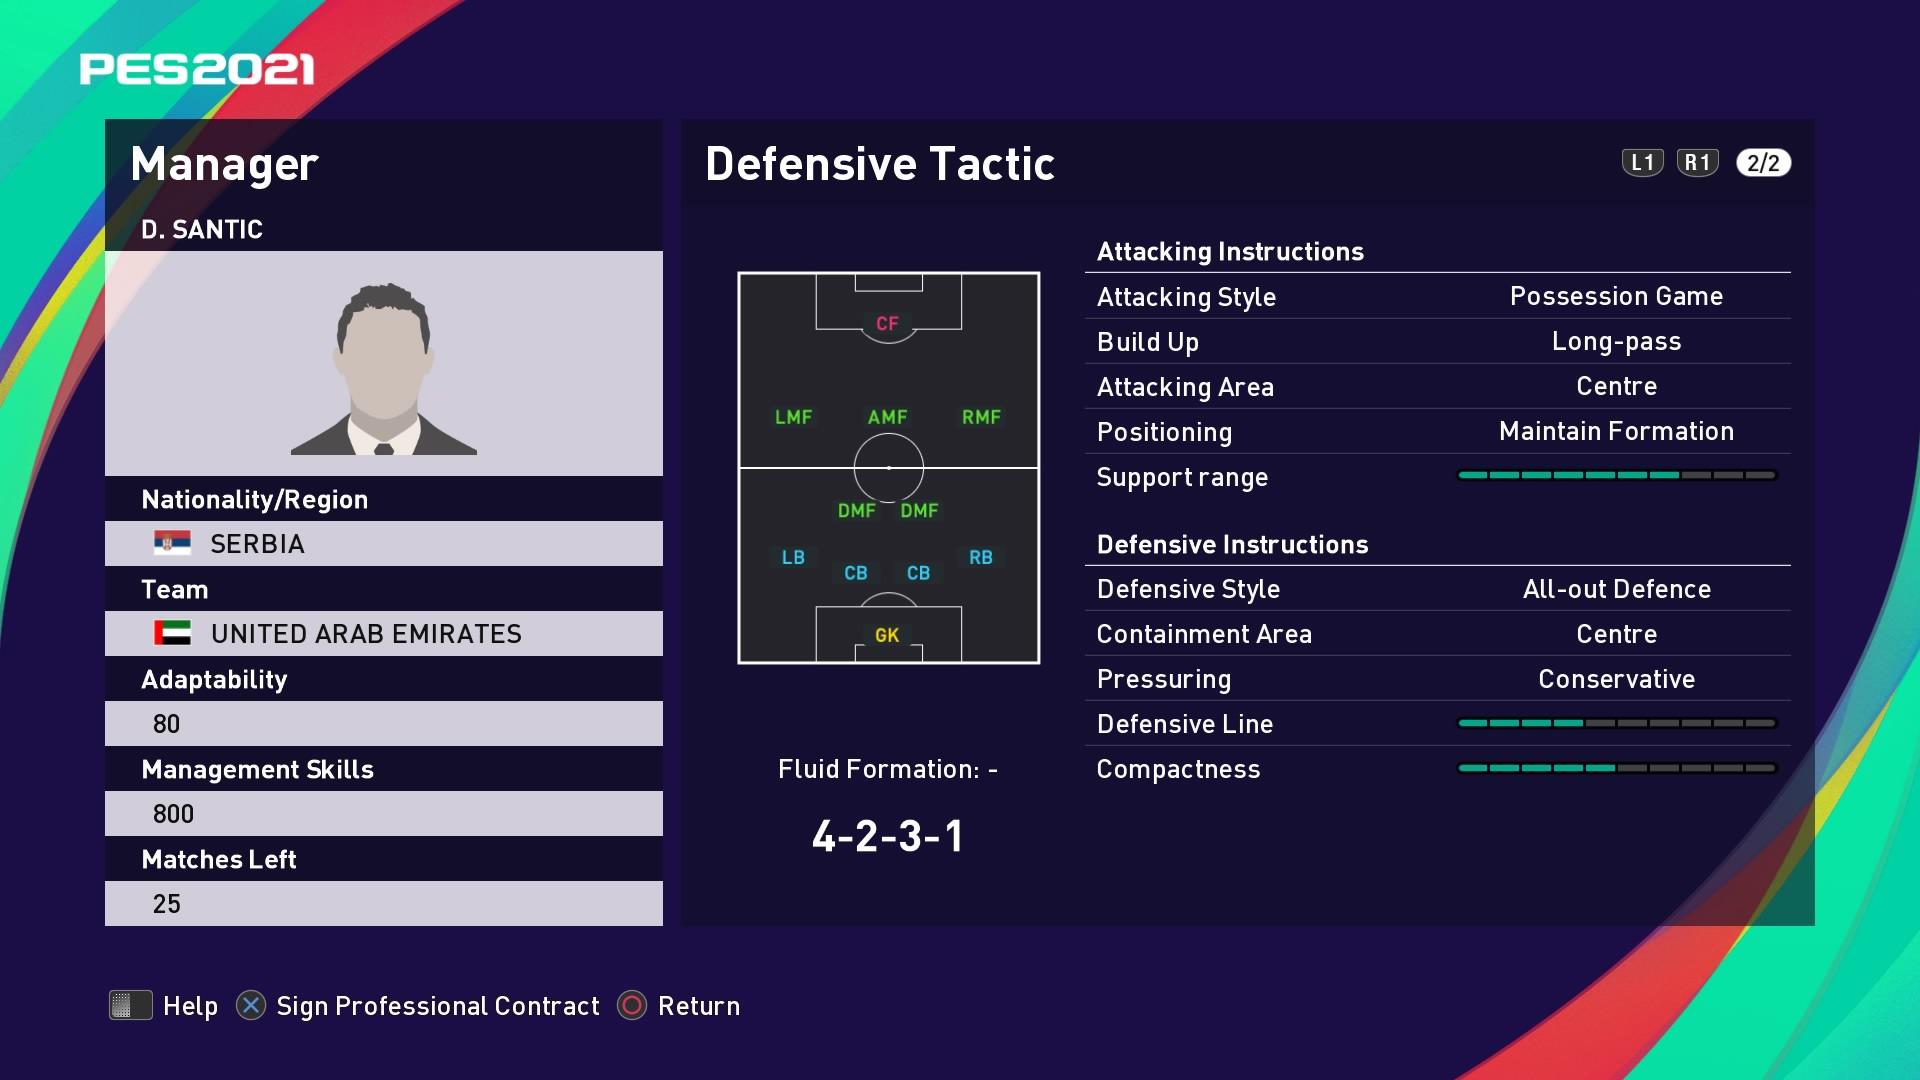 D. Santic (Ivan Jovanović) Defensive Tactic in PES 2021 myClub